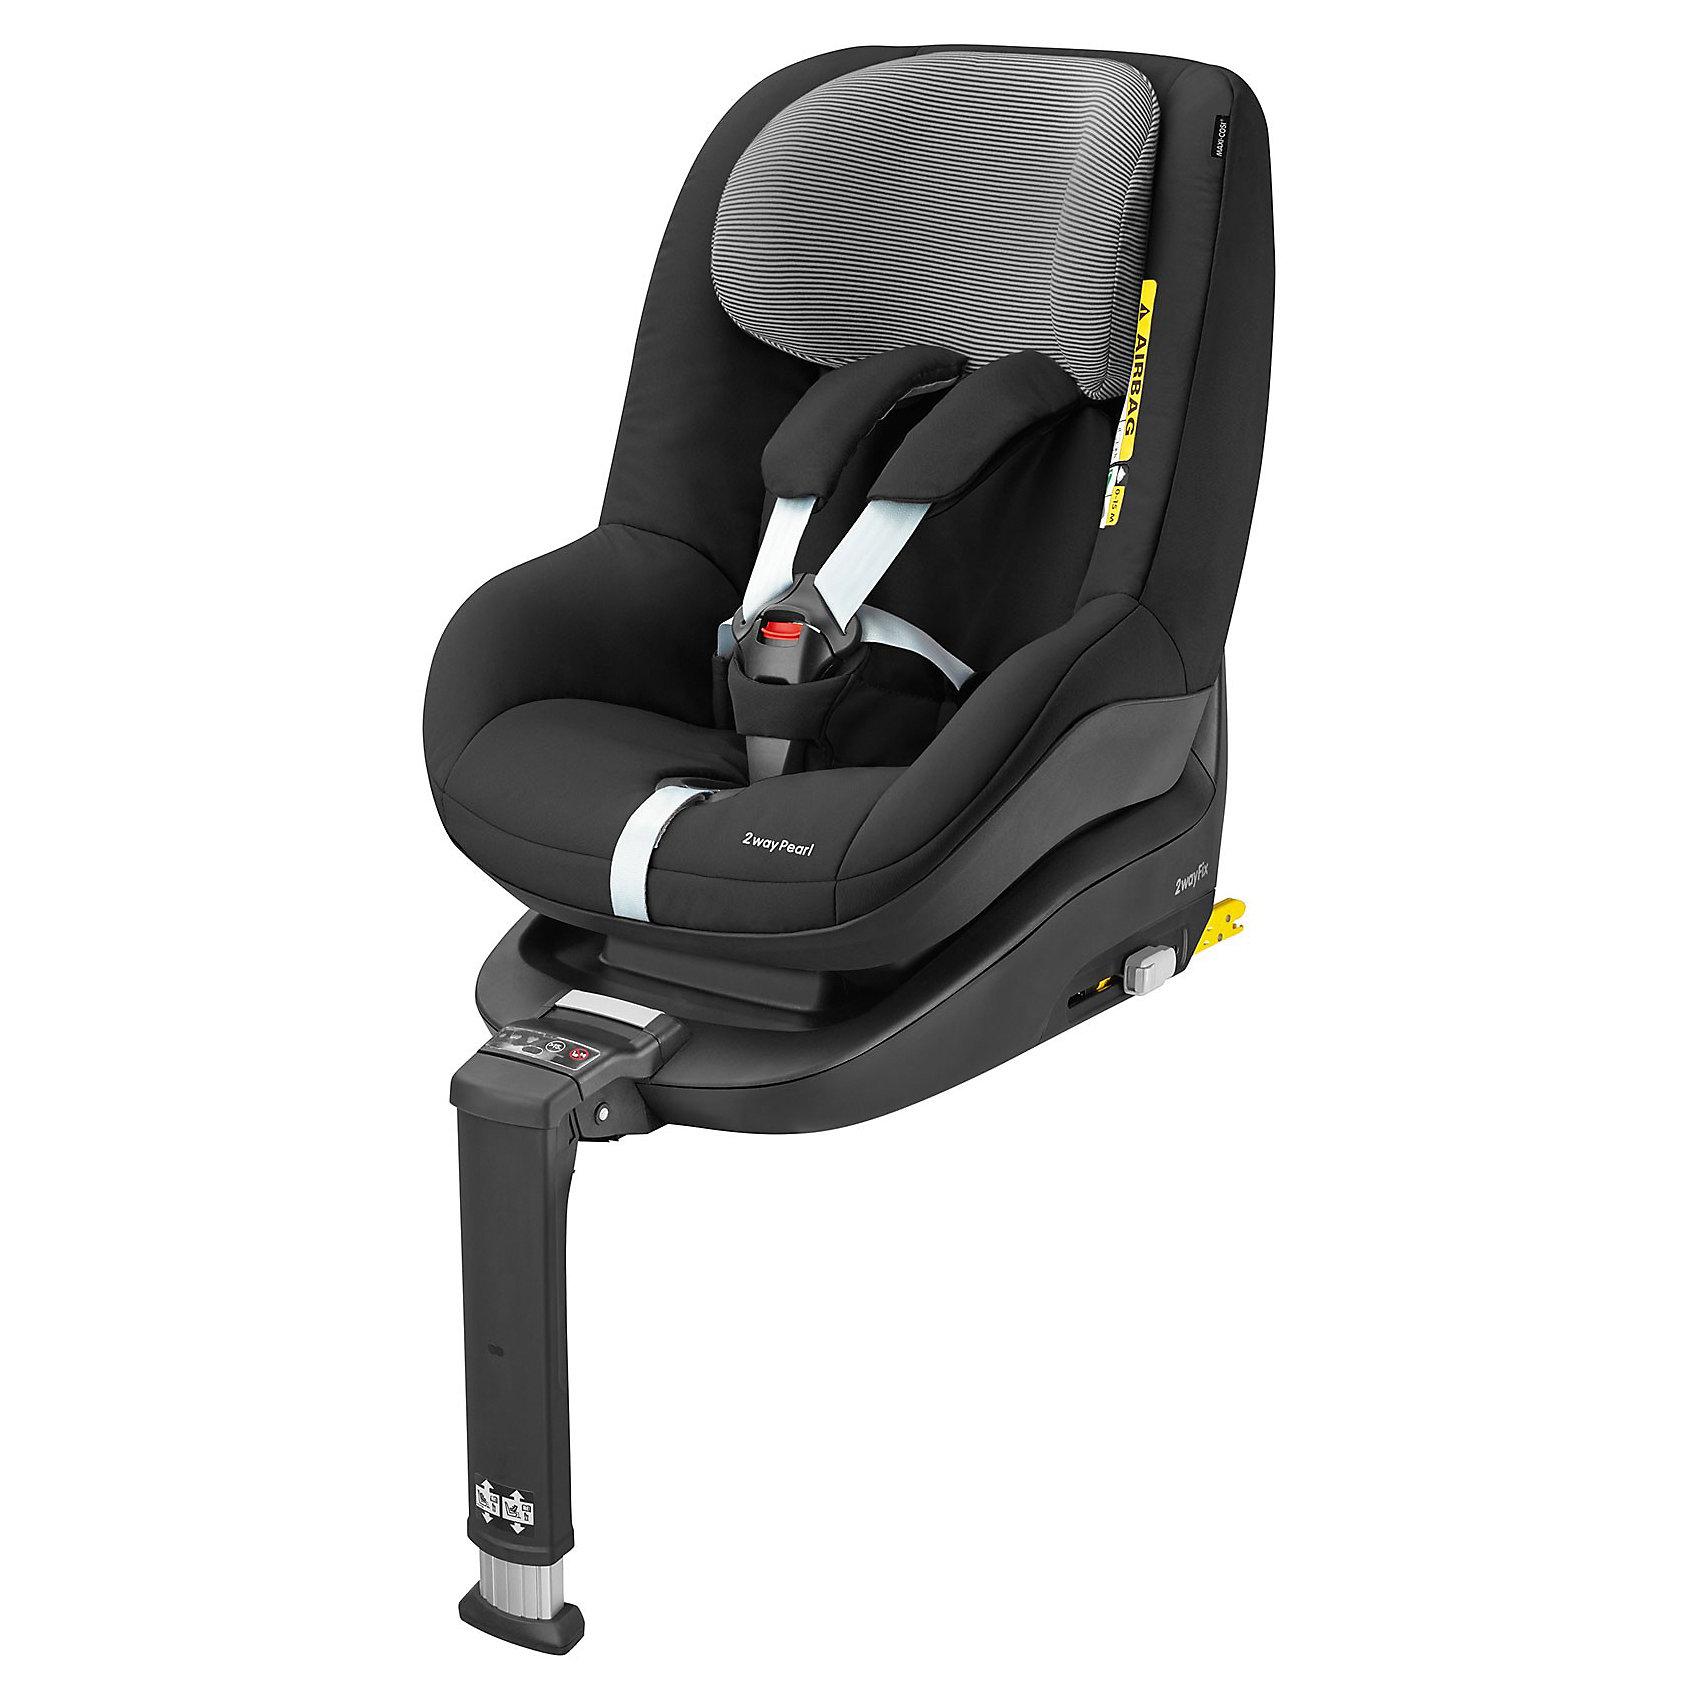 Автокресло Maxi-Cosi 2wayPearl 9-18 кг, Origami BlackГруппа 1 (От 9 до 18 кг)<br>Maxi-Cosi 2wayPearl - это яркое, удобное и безопасное автокресло создано специально для детой от 6 месяцев до 4 лет. Внутри кресла есть регулируемый 5-ти точечный ремень безопасности, так же, для большего удобства, имеется мягкий вкладыш под голову и шею ребенка.<br><br>Особенности:<br>- Фиксируется при помощи базы 2 WayFix (приобретается отдельно).<br>- Цветовые индикаторы и звуковые сигналы показывают правильность установки кресла.<br>- Уникальная система защиты от боковых ударов обеспечивает максимальную защиту<br>- 5-ти точечный ремень безопасности.<br>- Подголовник регулируется по высоте, имеет 7 положений.<br>- Наклон спинки регулируется в 5 положениях.<br>- Прочный каркас из ABC-пластика.<br>- Съемный чехол легко стирается.<br><br>Дополнительная информация:<br><br>- Возраст: от 6 месяцев до 4 лет. ( от 9 до 18 кг.)<br>- Цвет: Origami Black.<br>- Материал: полипропилен, полиэстер<br>- Ширина кресла внутри: 30 см.<br>- Ширина кресла снаружи: 44 см.<br>- Глубина кресла: 32 см.<br>- Размер кресла снаружи: 62x50 см.<br>- Вес кресла: 7.23 кг<br>- Вес в упаковке: 8.3 кг.<br><br>Купить автокресло 2wayPearl (9-18 кг.) в цвете Origami Black, можно в нашем магазине.<br><br>Ширина мм: 475<br>Глубина мм: 595<br>Высота мм: 610<br>Вес г: 7250<br>Возраст от месяцев: 4<br>Возраст до месяцев: 48<br>Пол: Унисекс<br>Возраст: Детский<br>SKU: 4975096